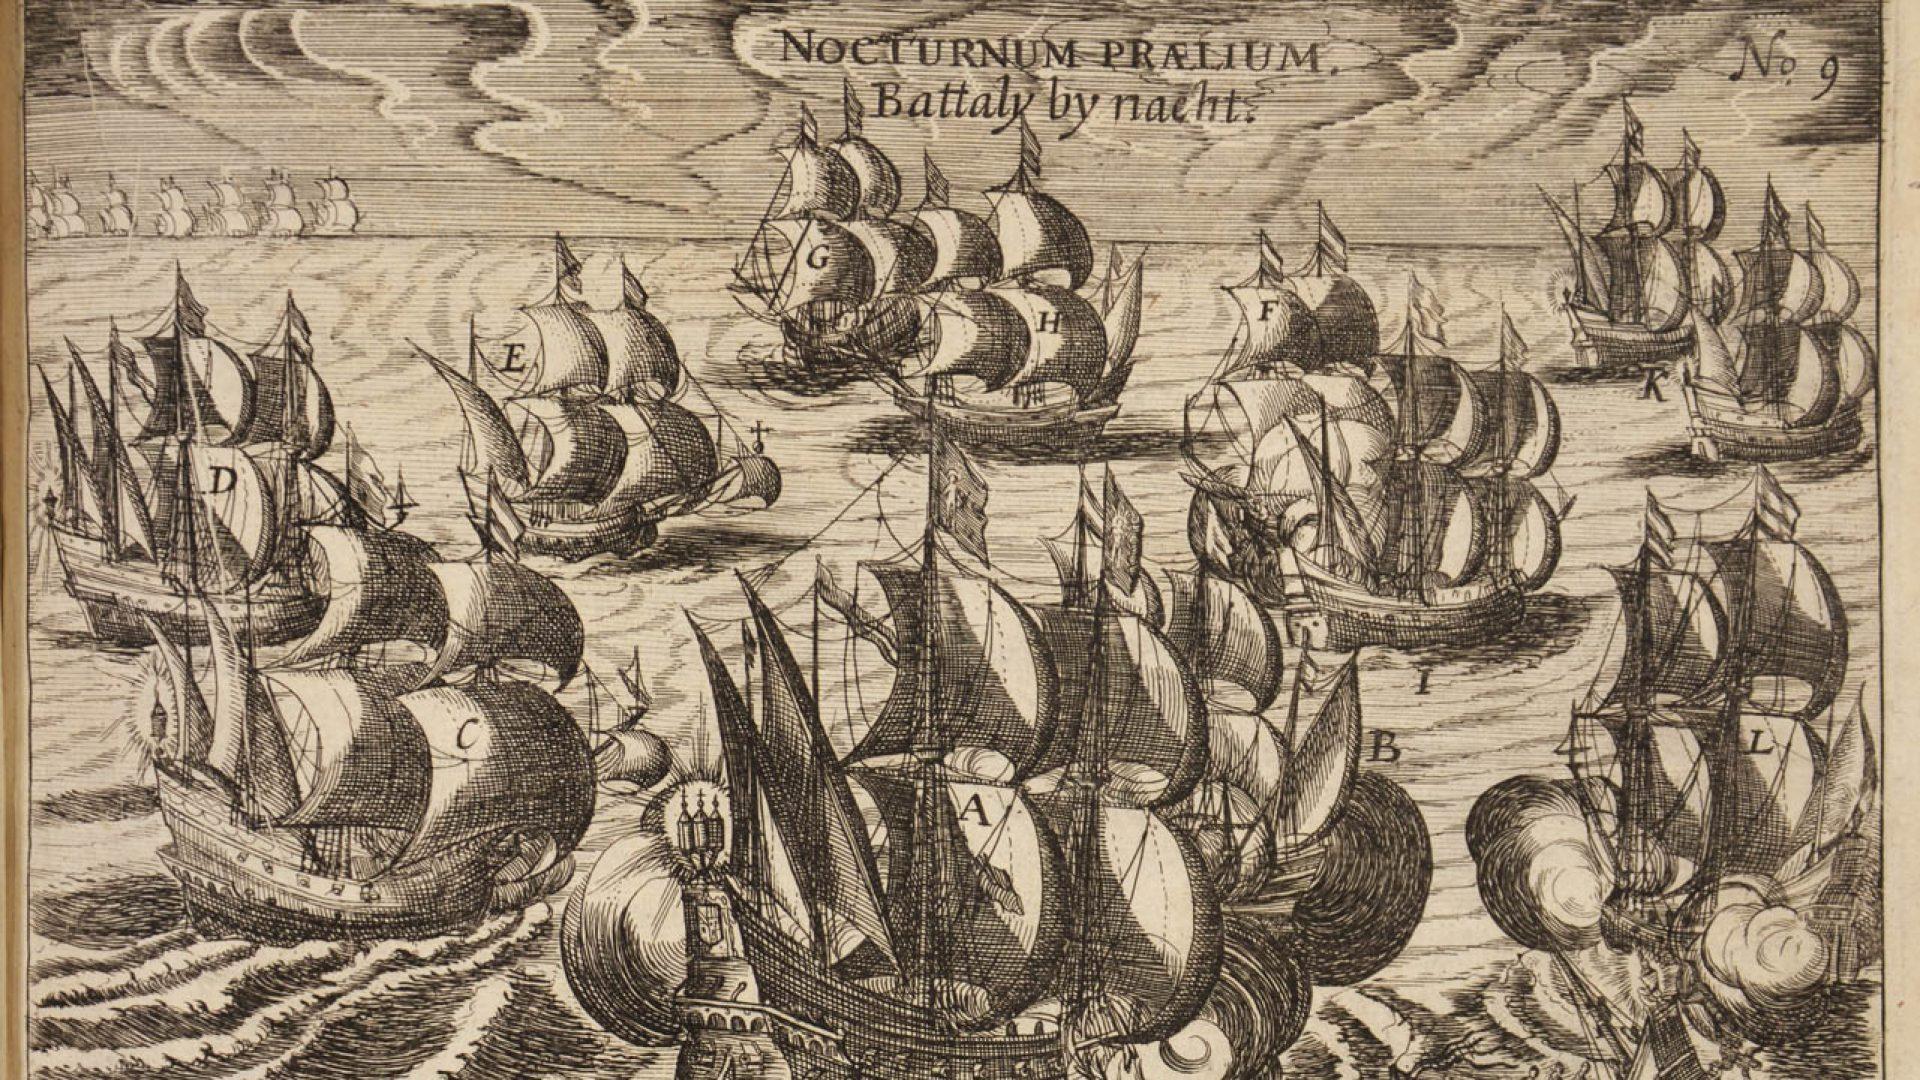 Piratería de la Edad Moderna Temprana